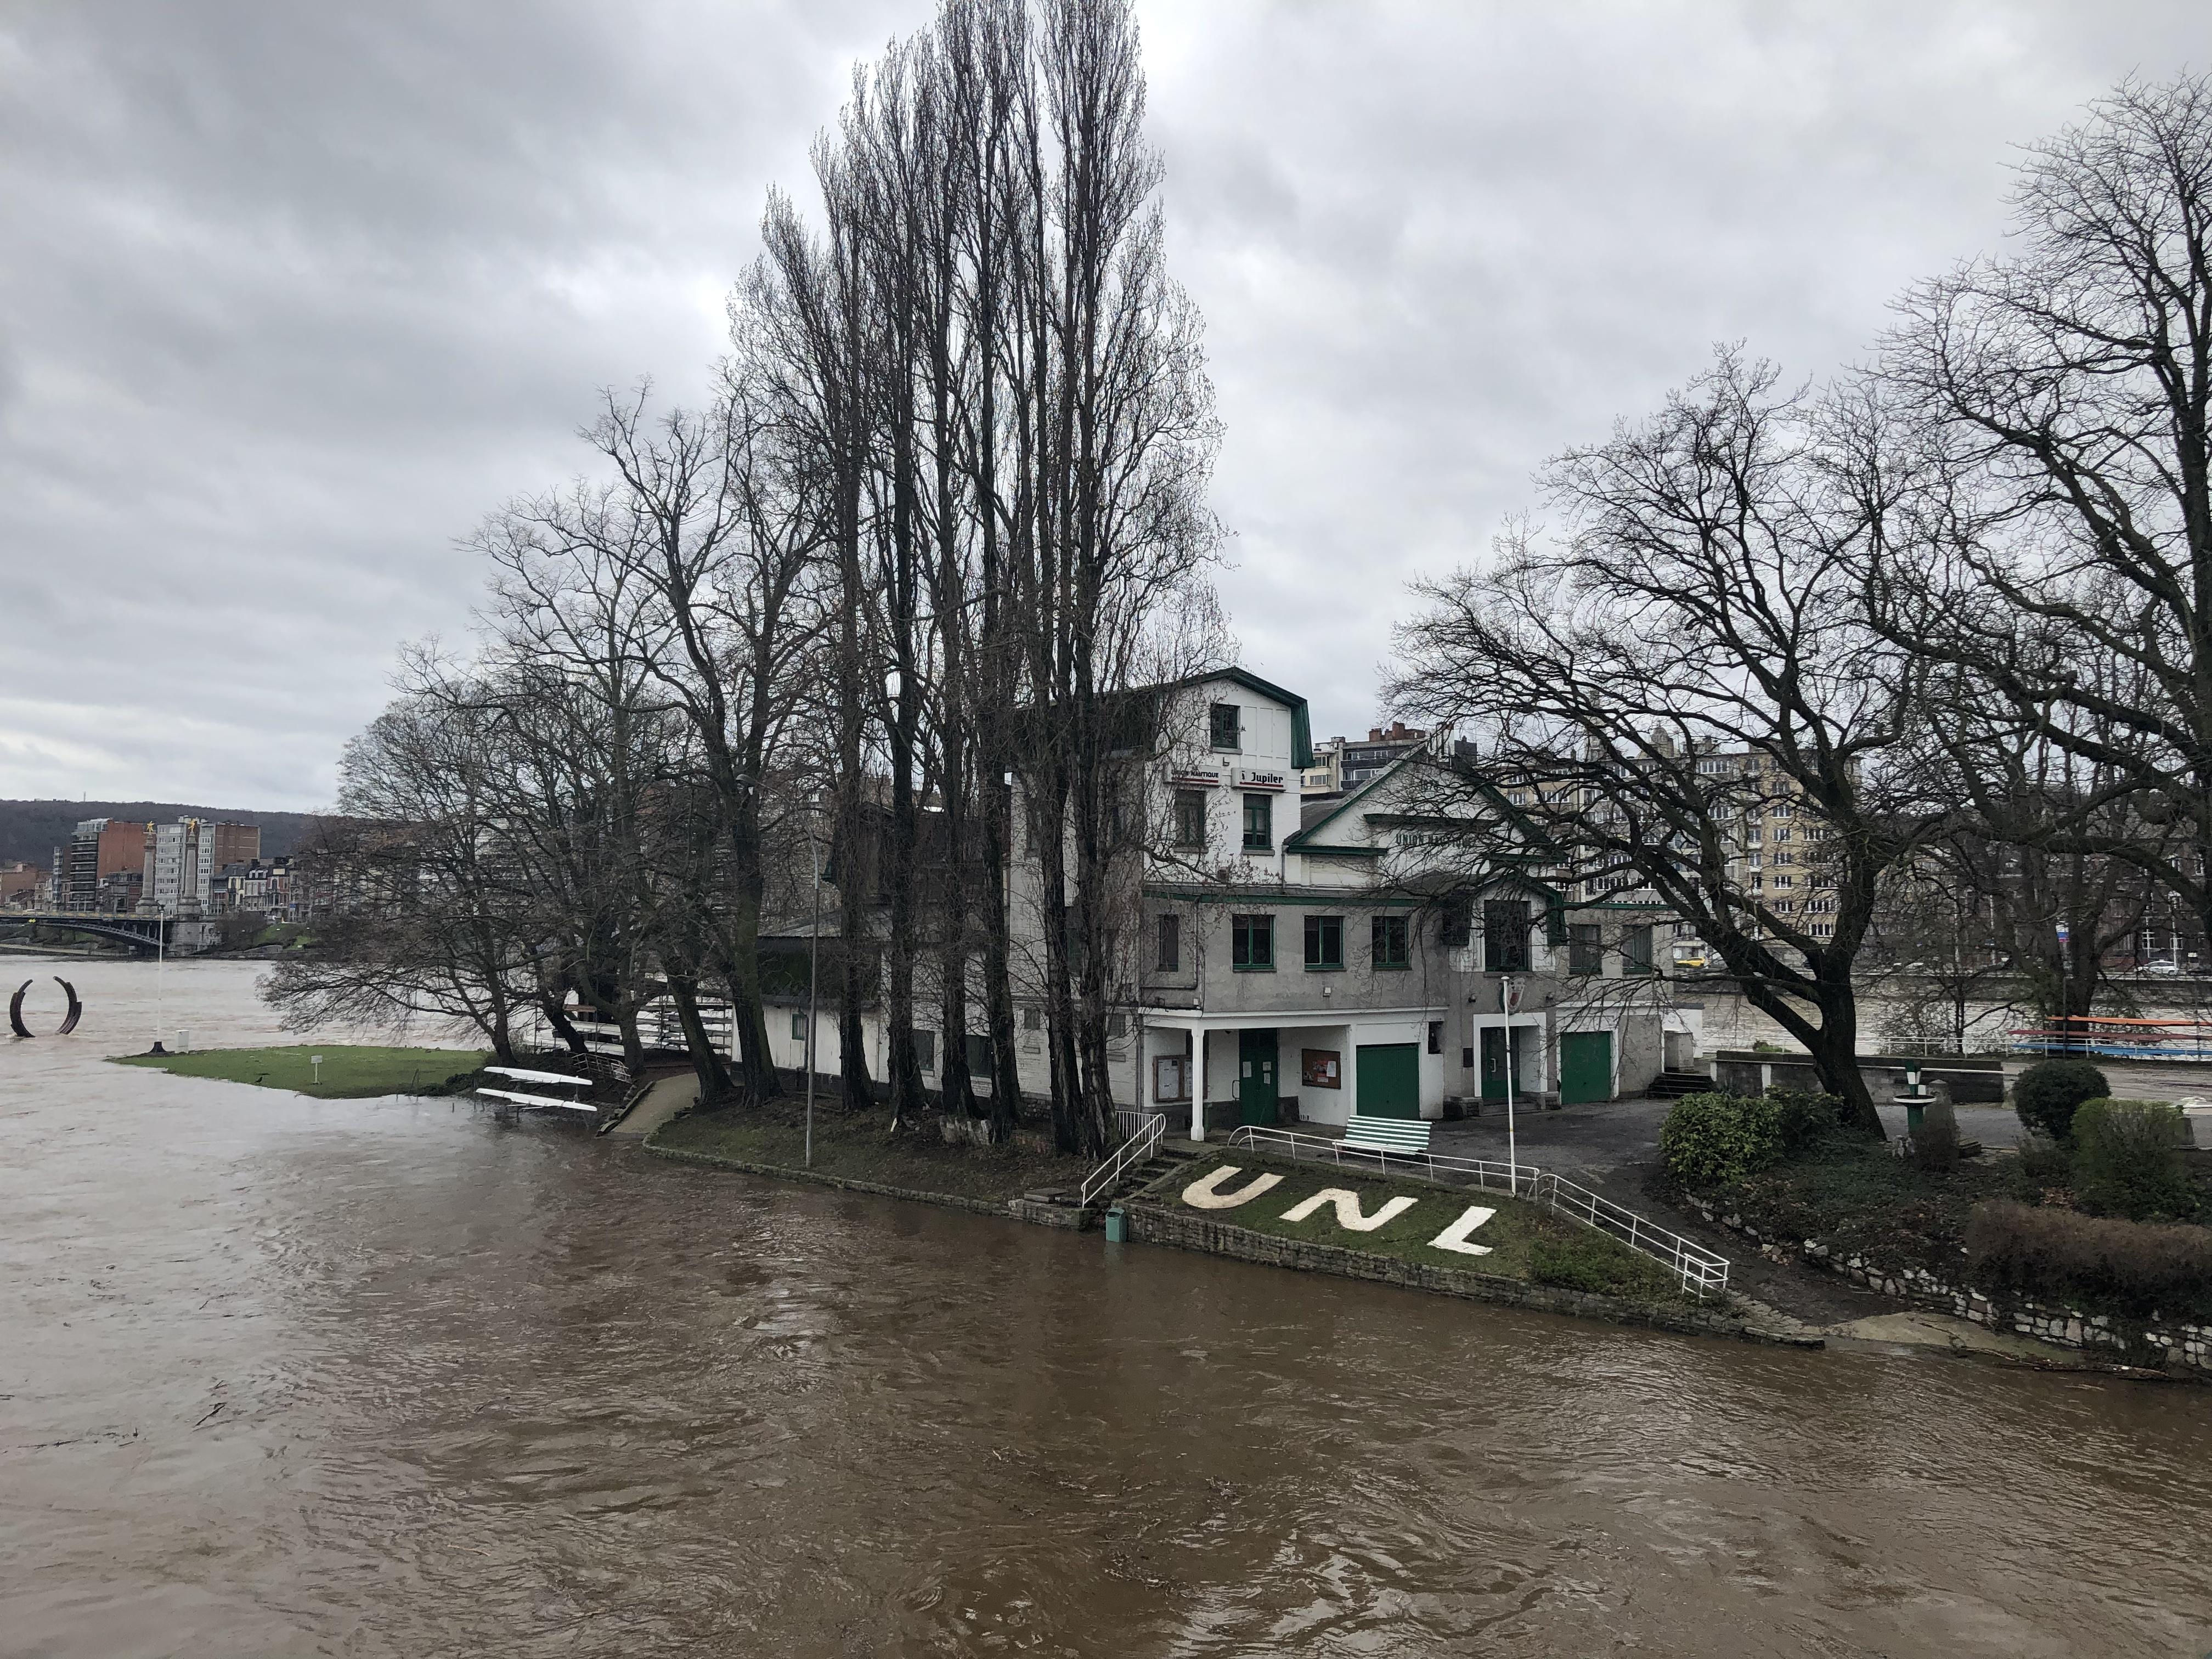 Le niveau de l'eau était très élevé aux abords du parc de la Boverie